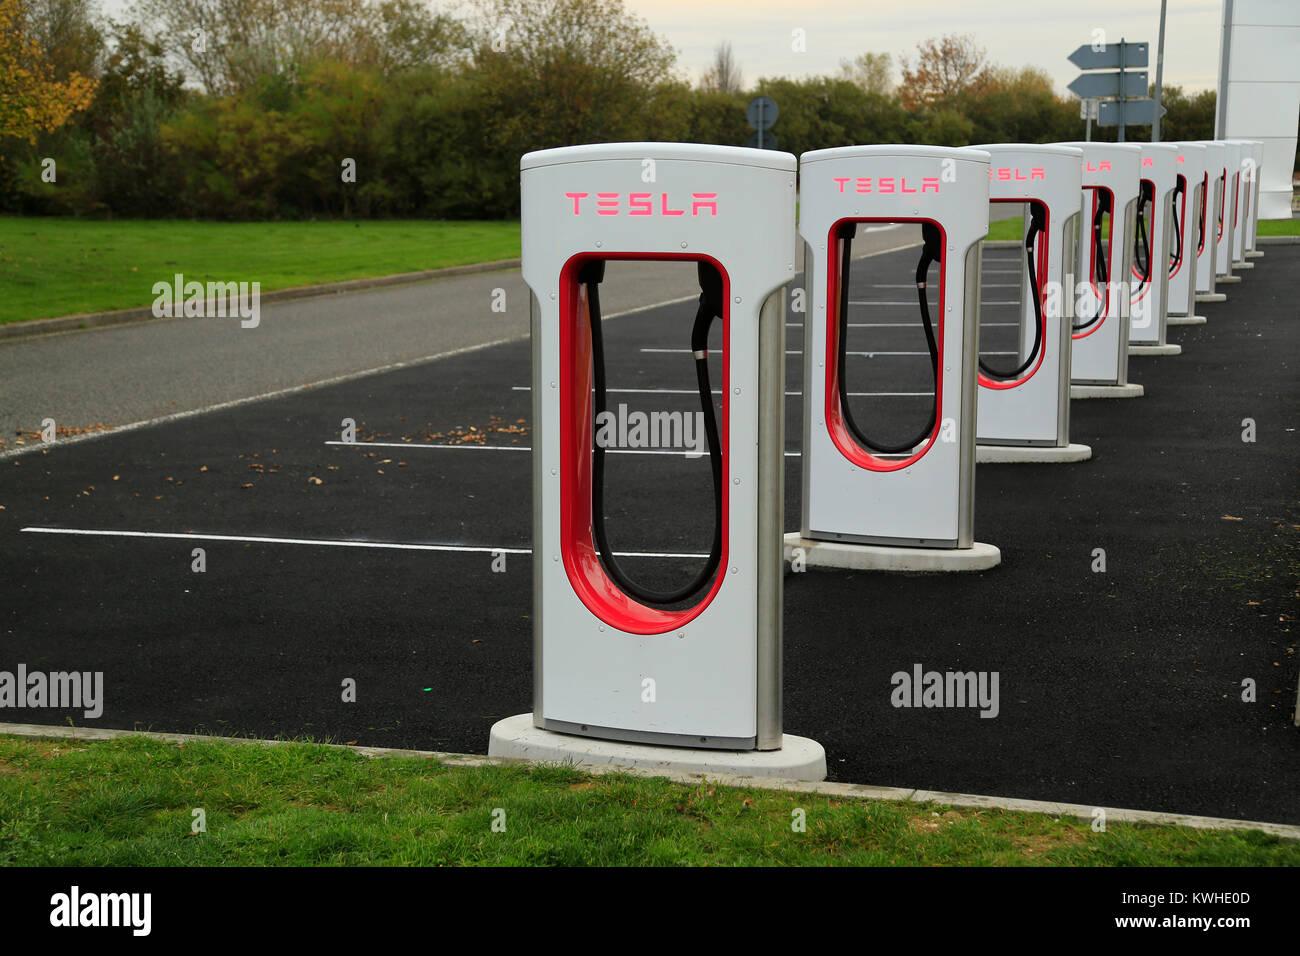 Tesla auto elettrica vani ricarica vuoti tutti alla stazione di servizio autostradale in Francia. Immagini Stock